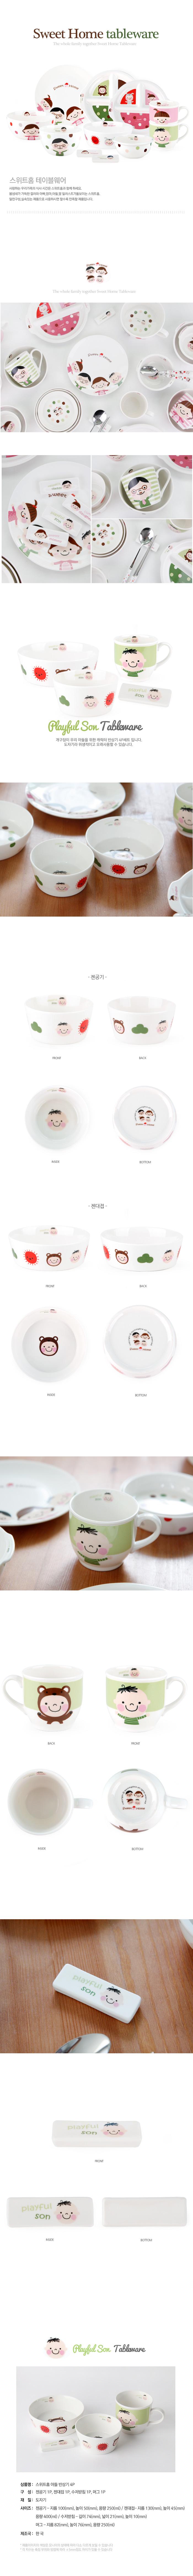 스위트홈 아들 반상기 4P - 모닝듀, 23,000원, 식기홈세트, 1인세트